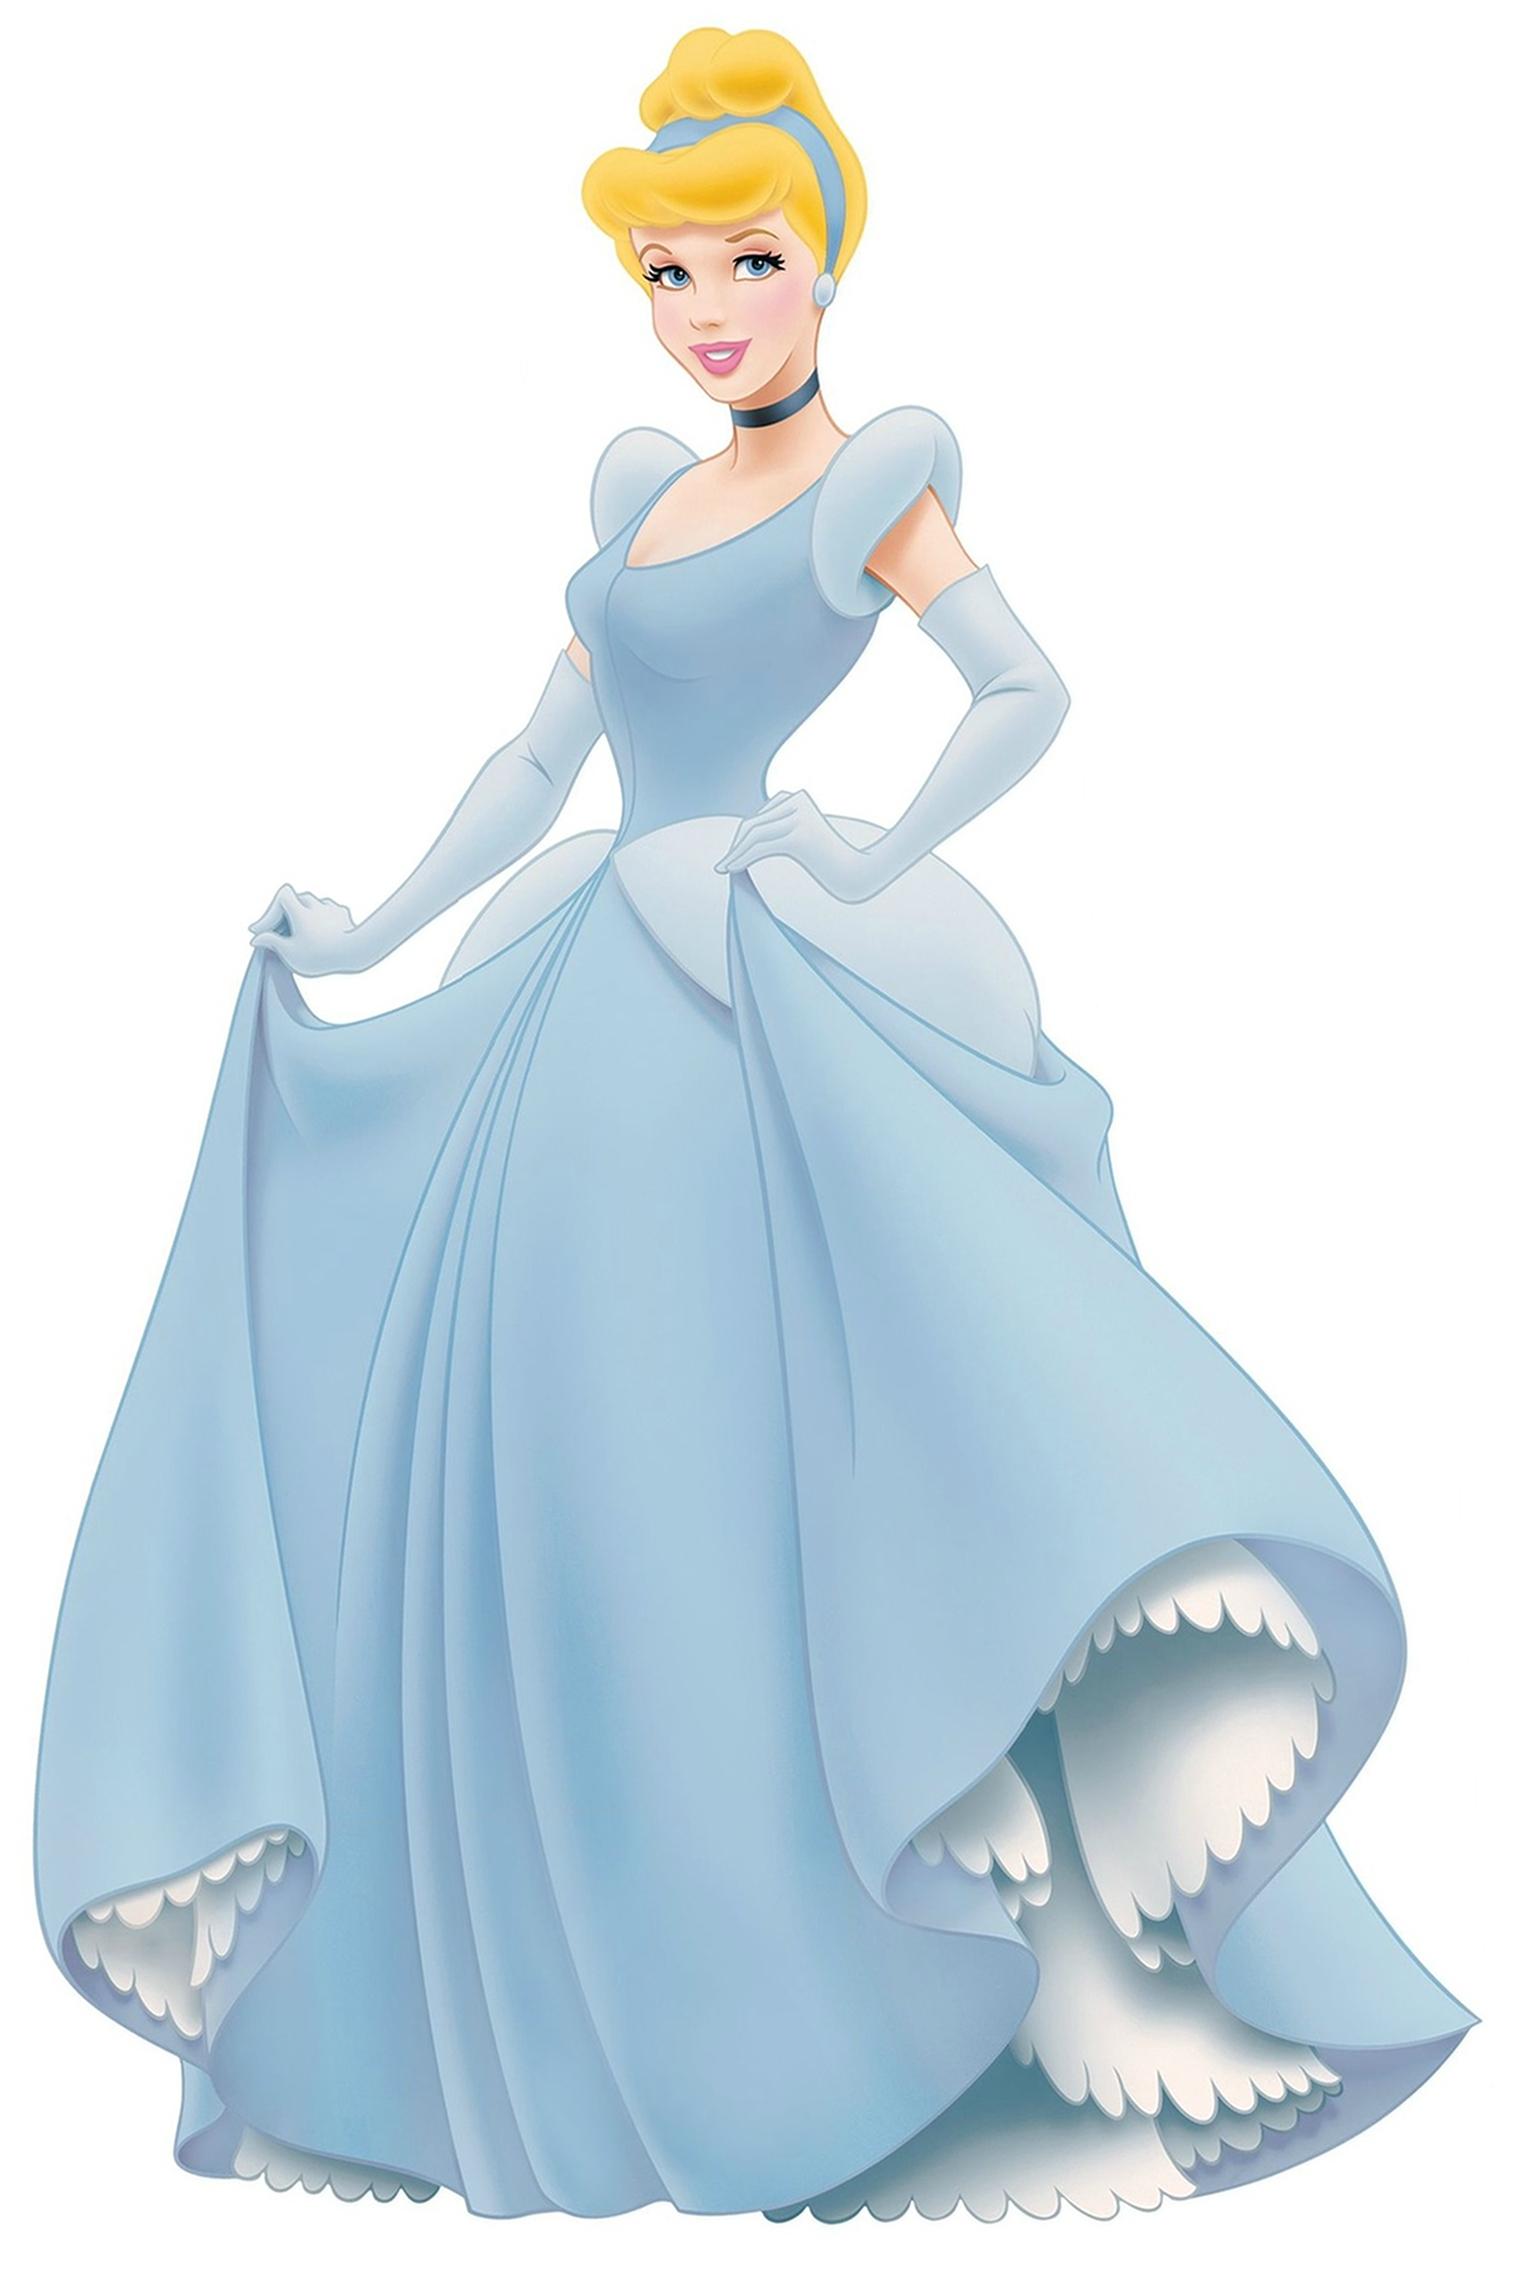 Image - Cinderella Photo jpg | Disney Wiki | Fandom powered by Wikia